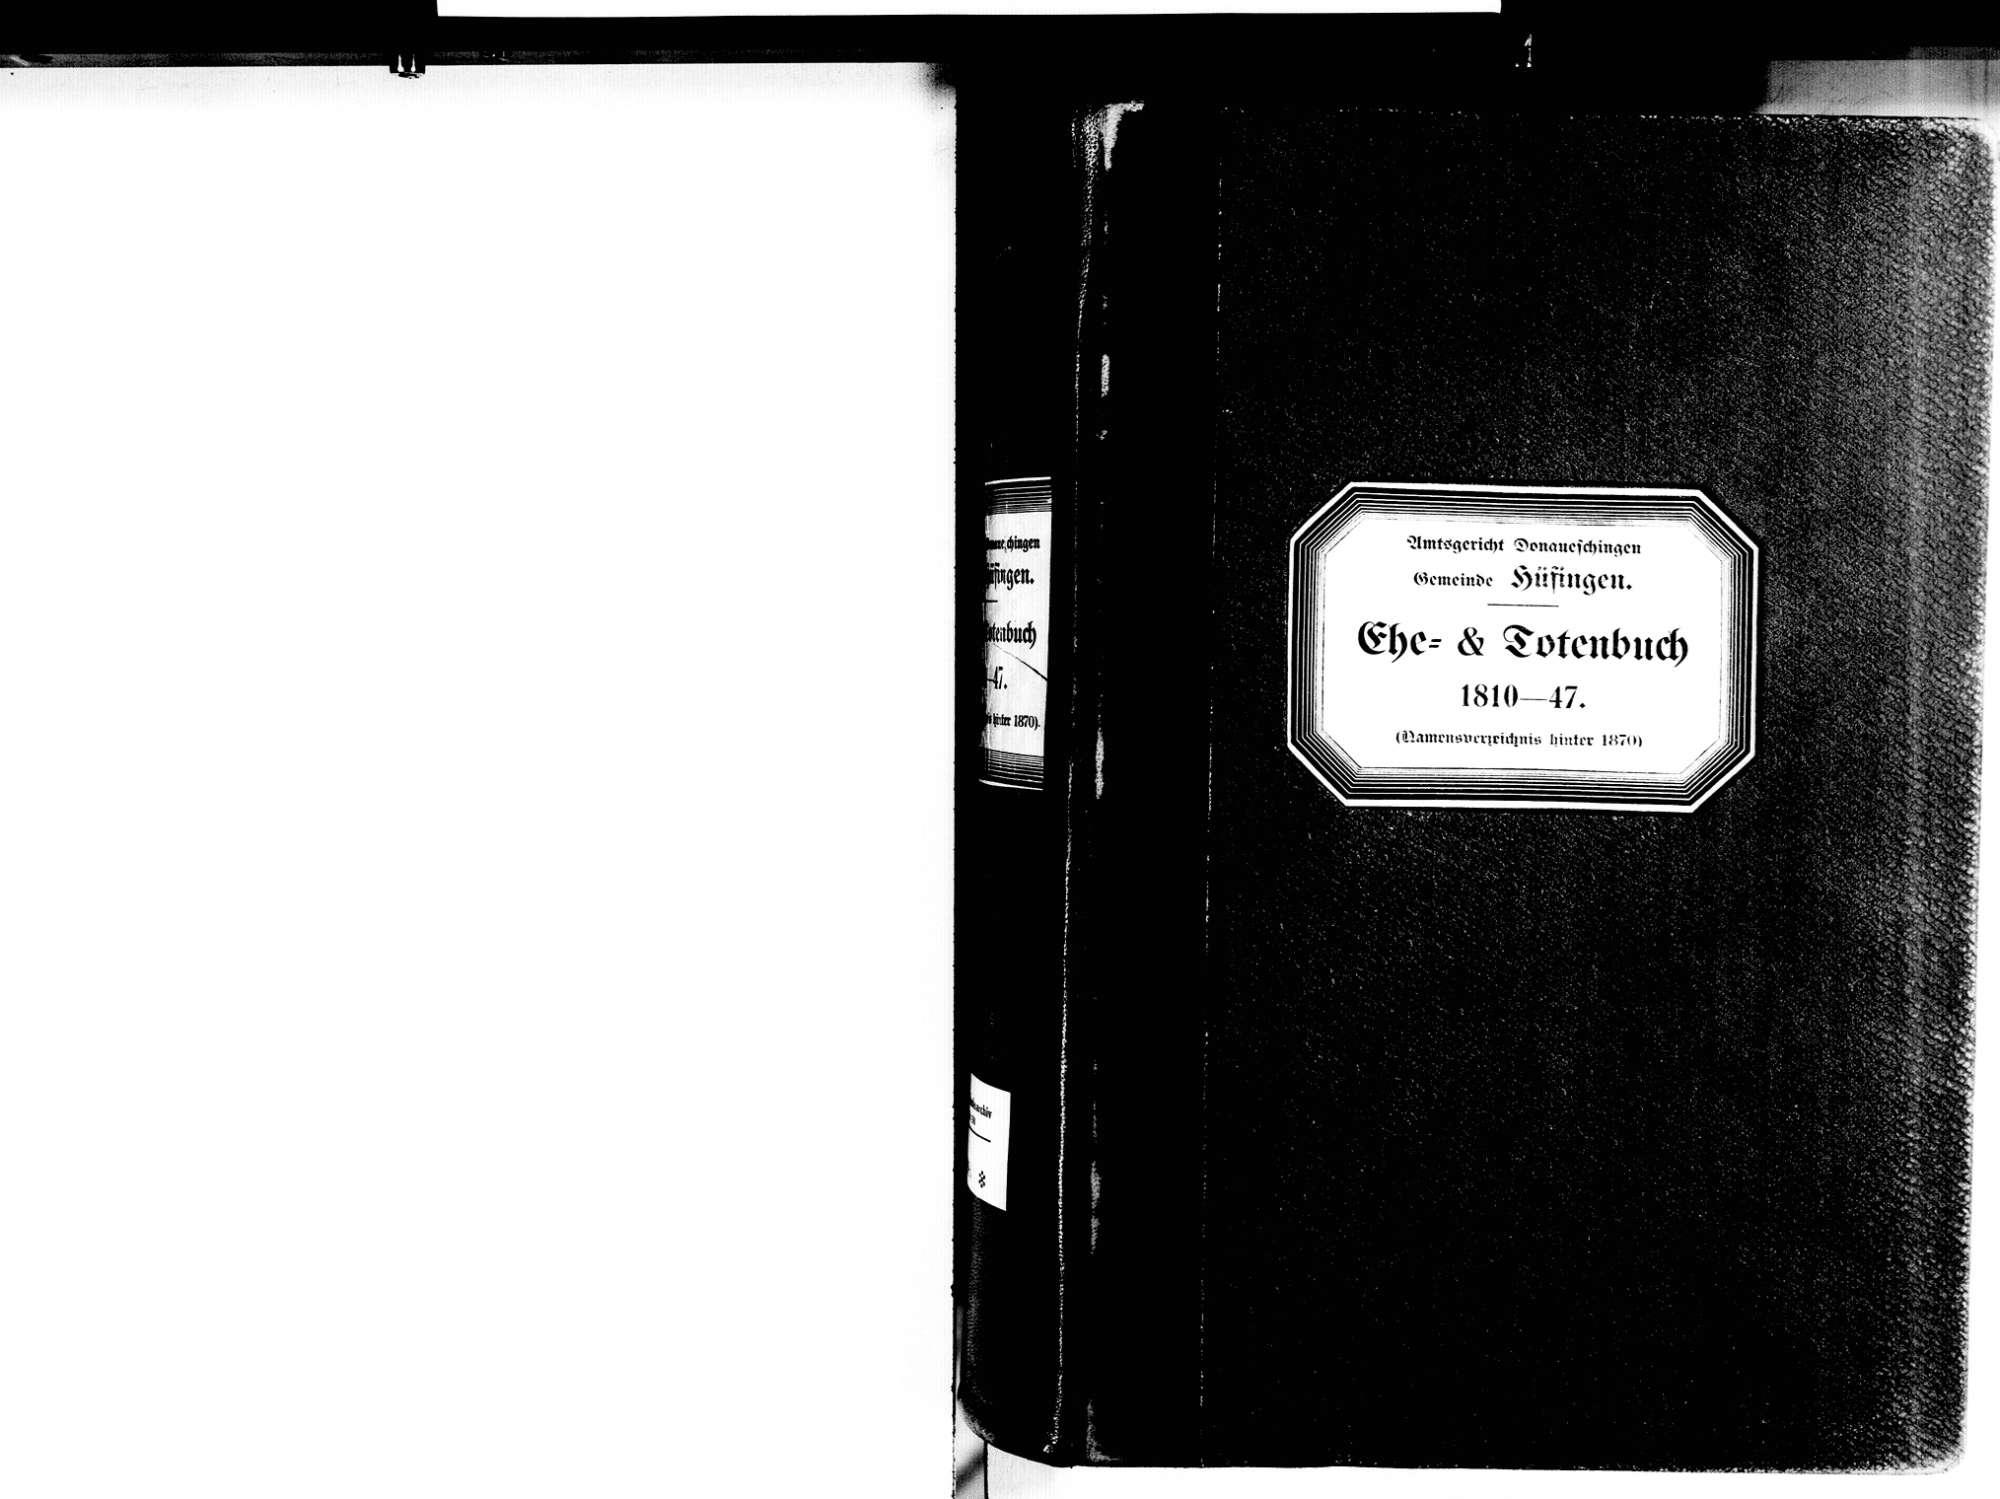 Hüfingen VS; Katholische Gemeinde: Heirats- und Sterbebuch 1810-1847, Bild 3